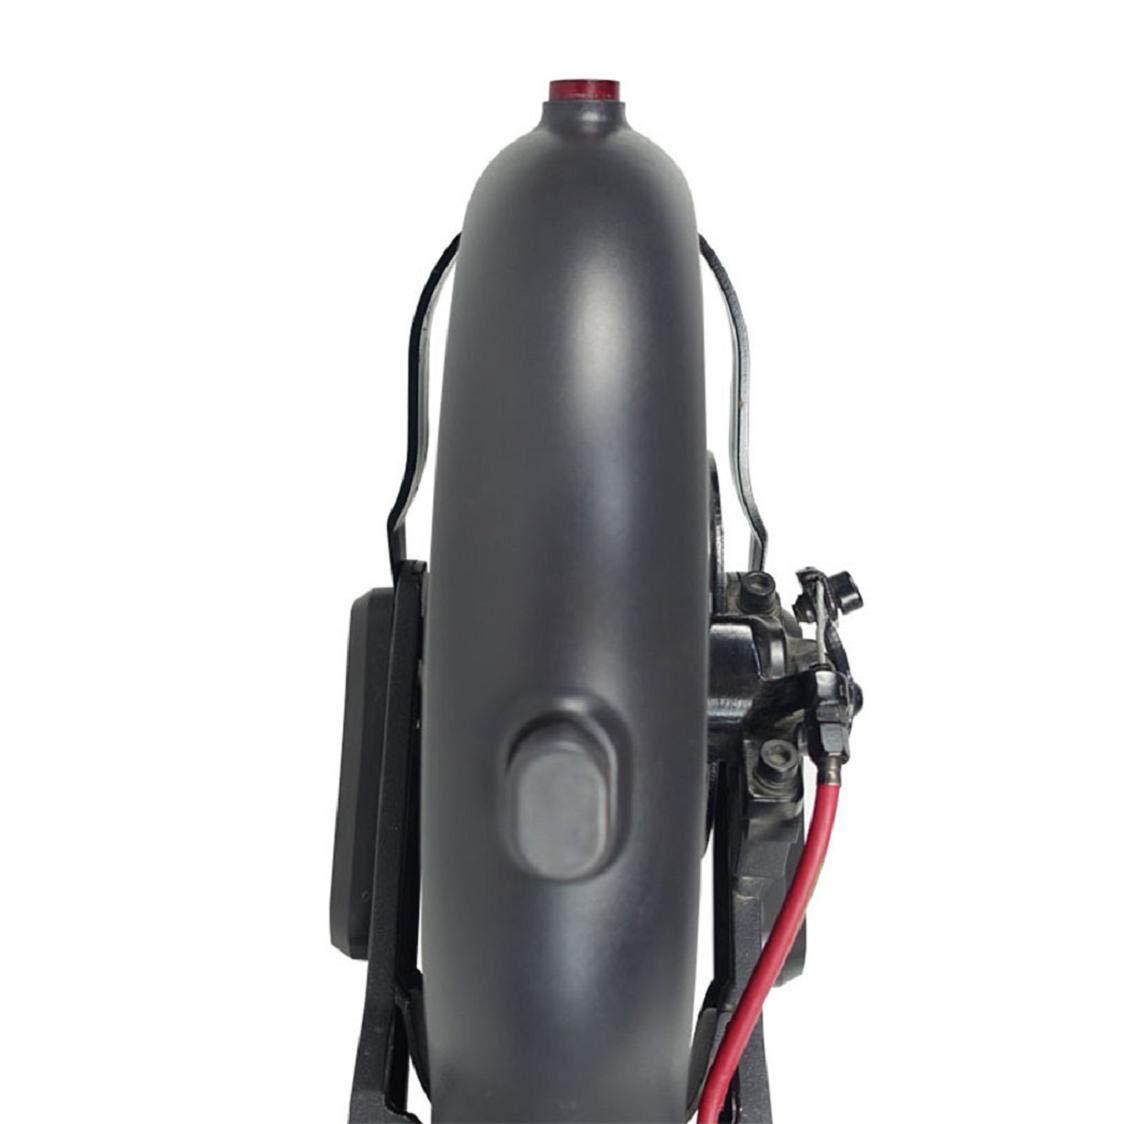 Support de s/écurit/é pour Garde-Boue arri/ère et Protecteur de Protection Contre la lumi/ère M187 Koojawind Support de Garde-Boue arri/ère pour Scooter /électrique Xiaomi Mijia M365